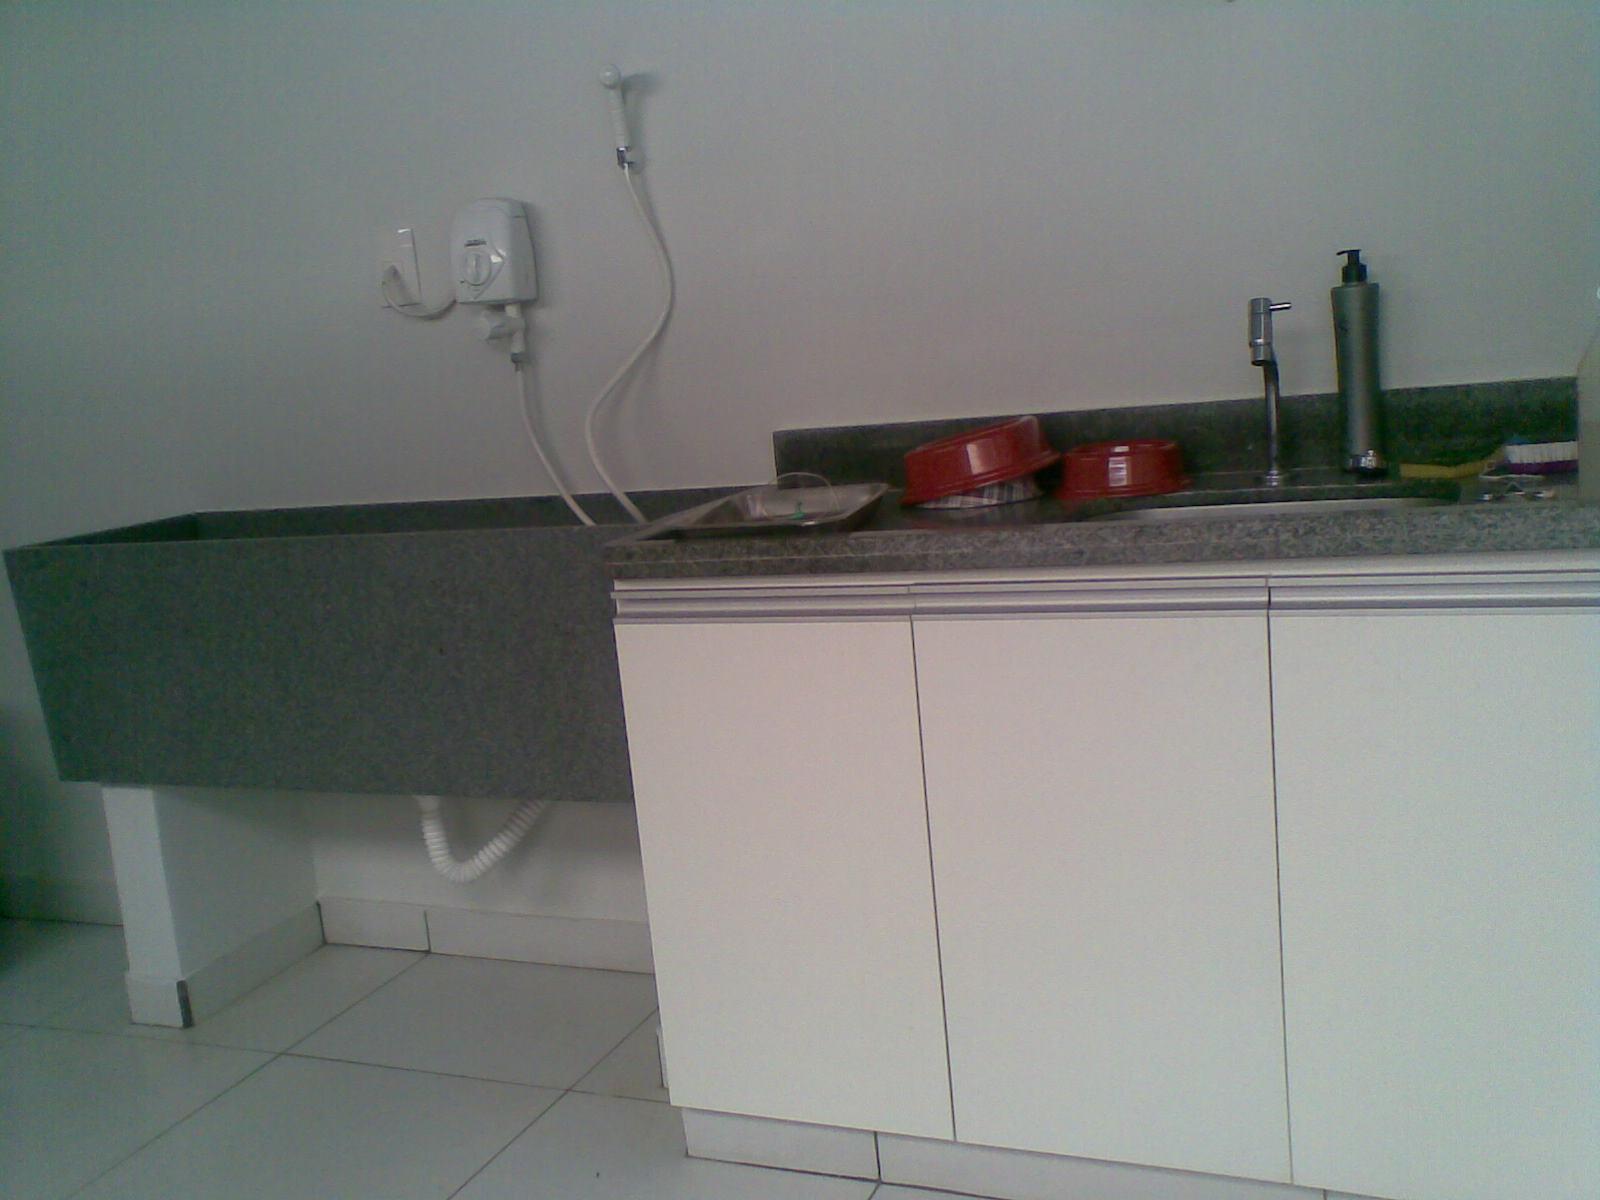 Imagens de #5A413F Além disso a clínica conta com salas de isolamento e DML tudo  1600x1200 px 3366 Bloco Cad Sinalização Banheiro